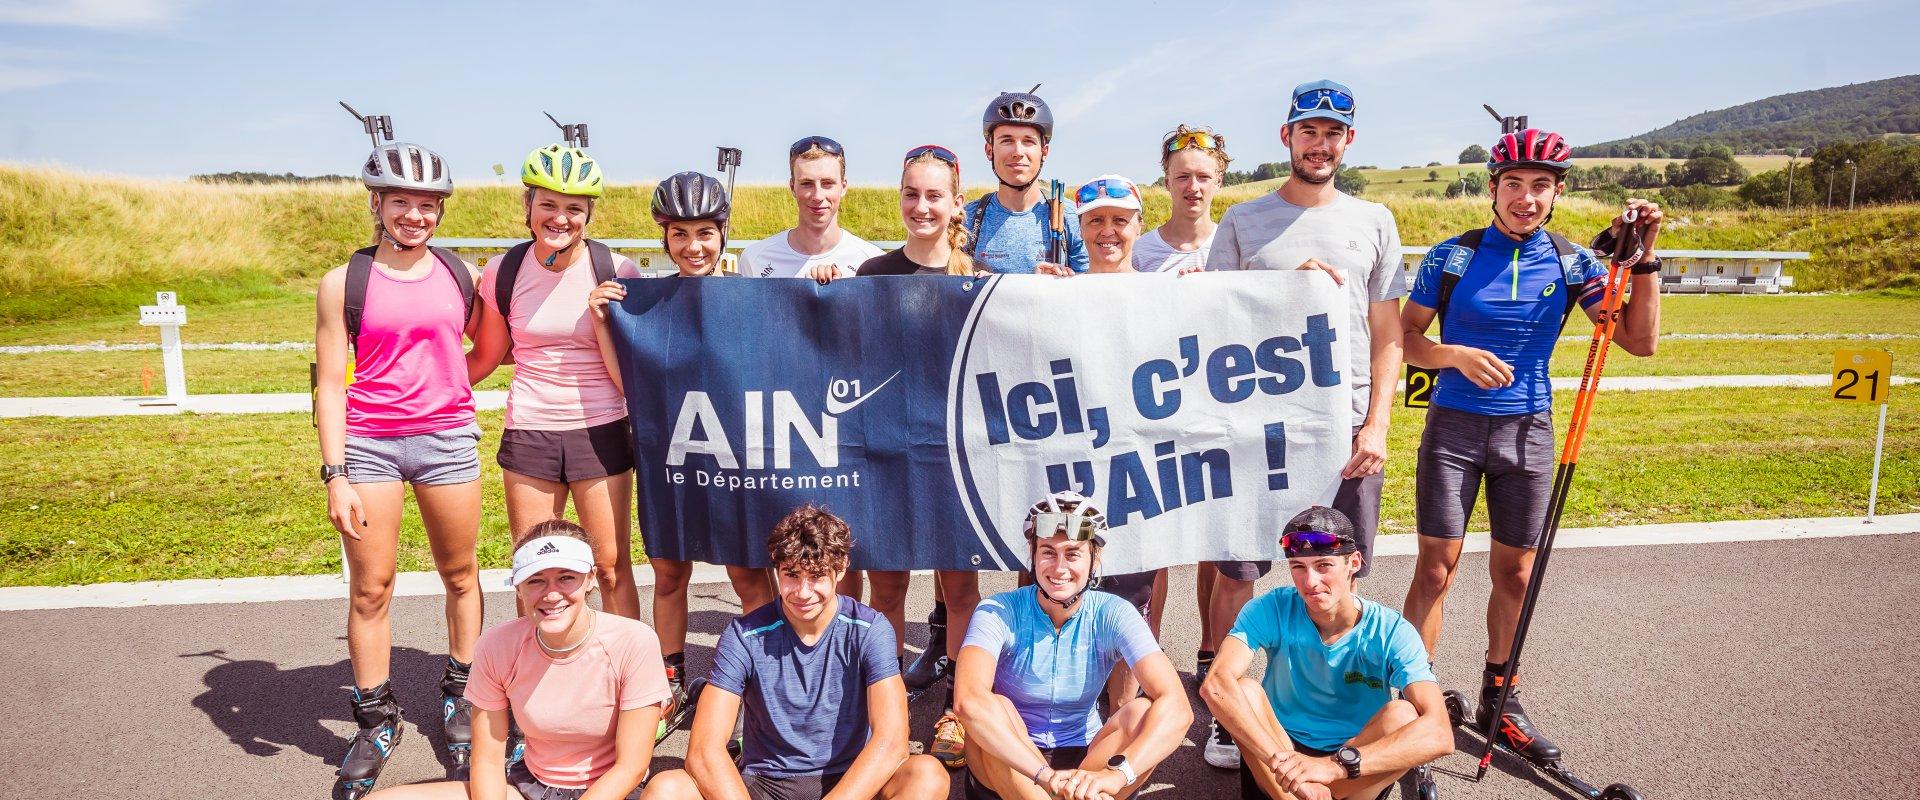 Les athlètes du Comité du Lyonnais Pays de l'Ain